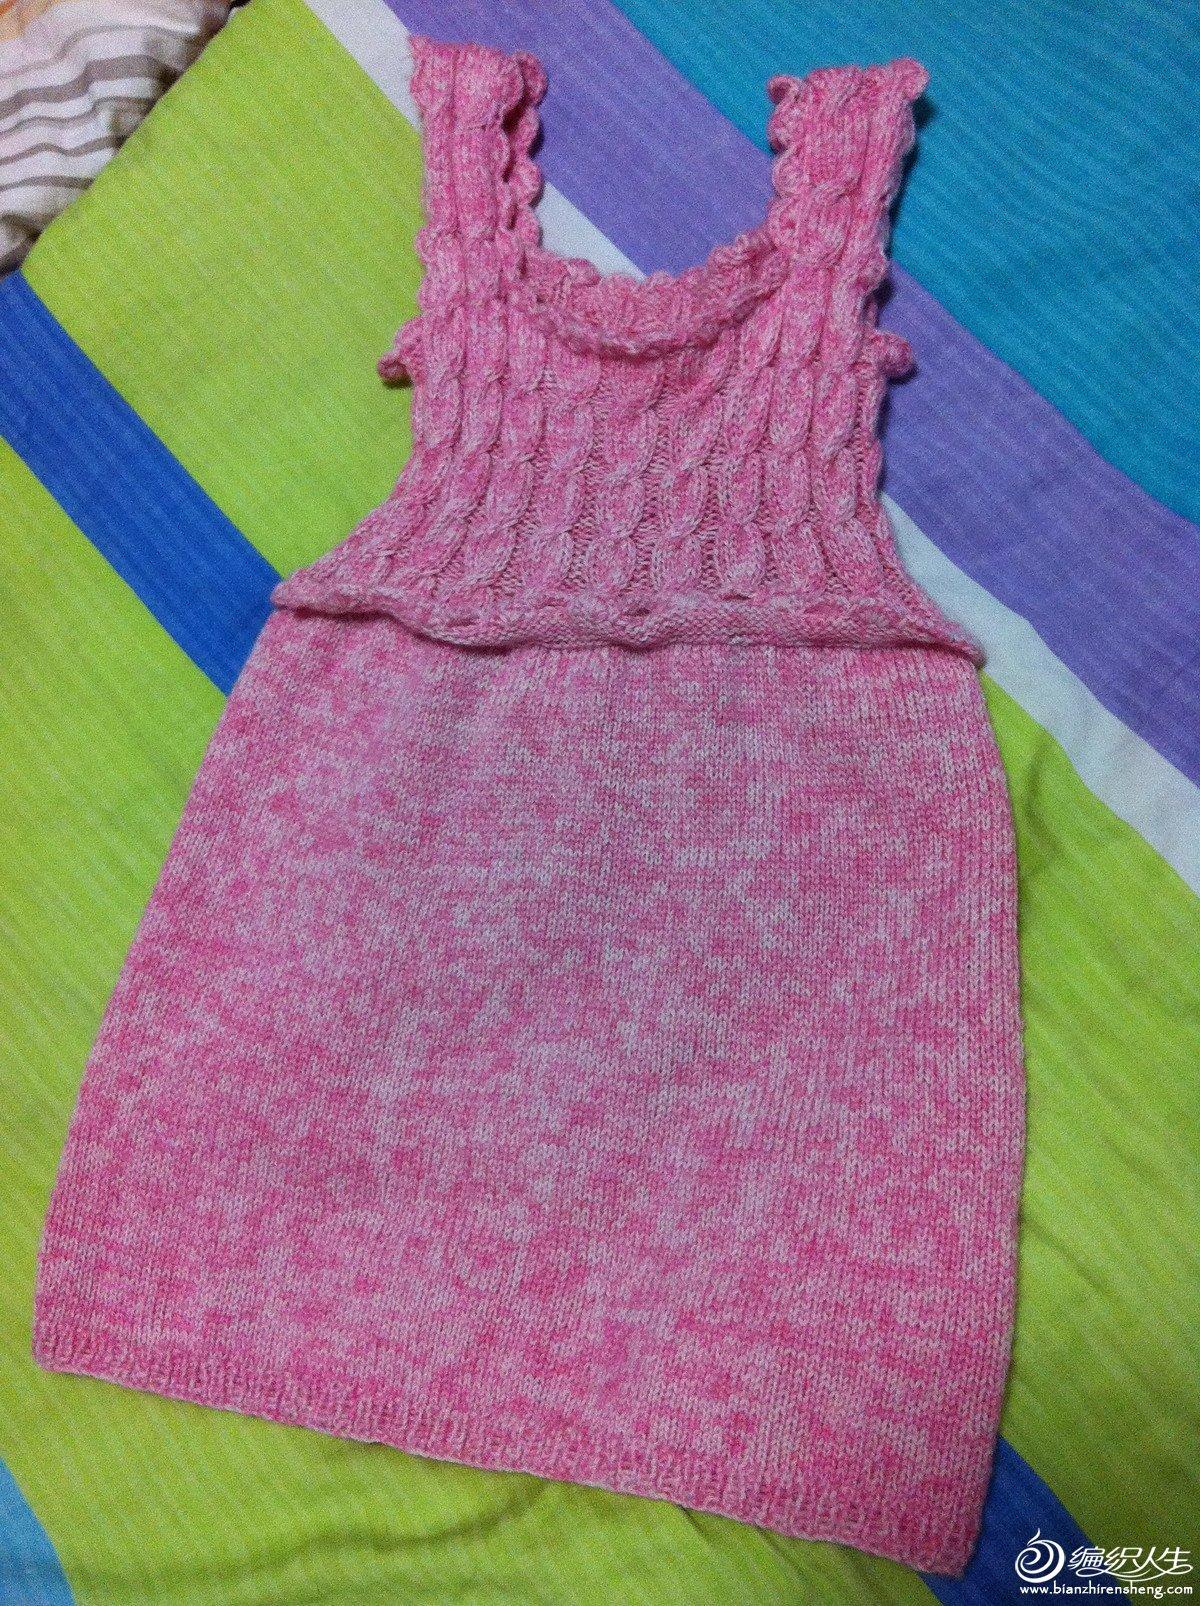 宝宝背心裙的图解 61  甜甜---女婴背心裙 61  2014夏季狂织宝贝